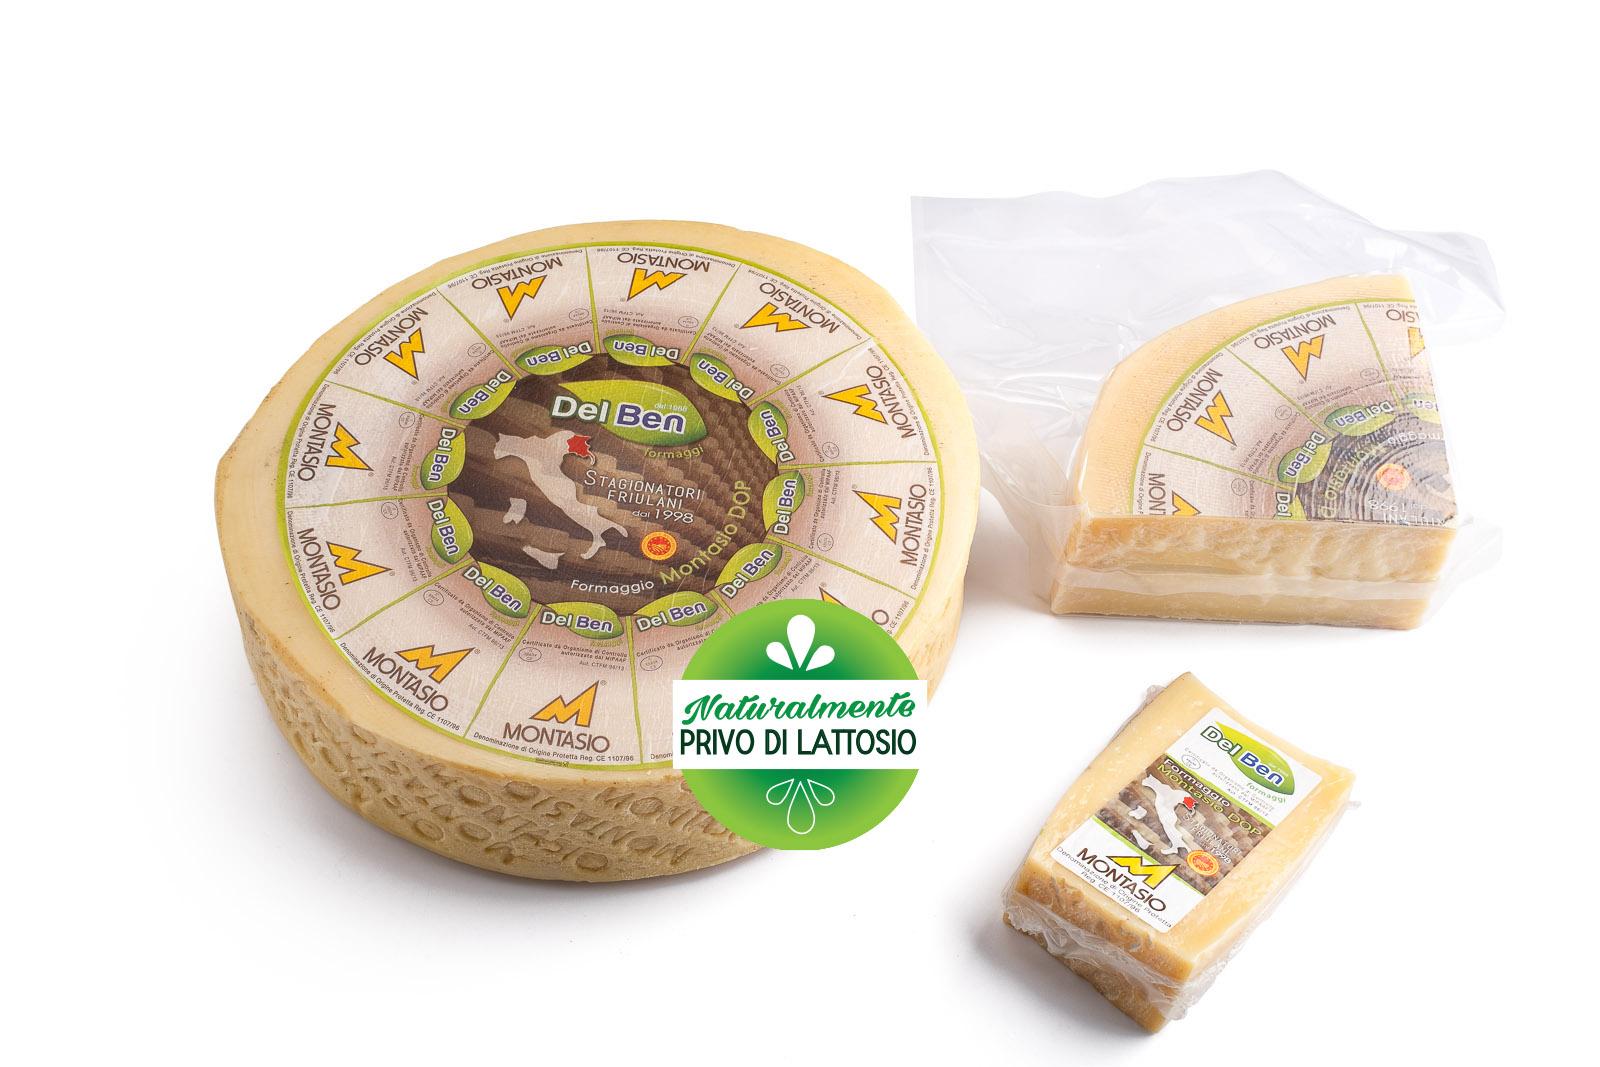 Formaggio - senza lattosio - Montasio vecchio - DOP PN casello 208 - Del Ben formaggi